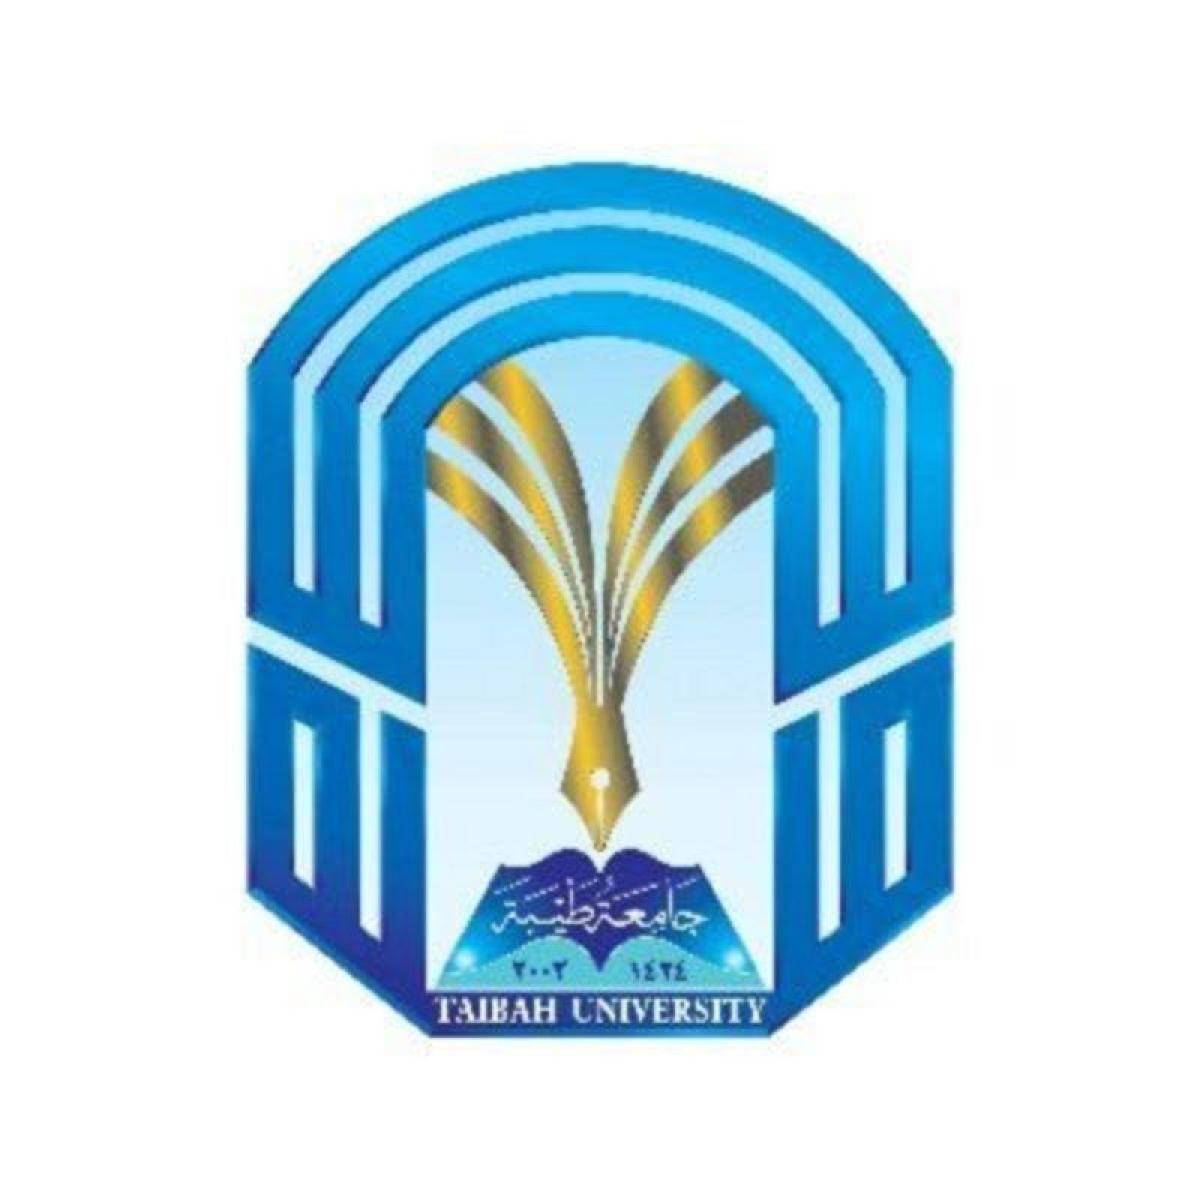 للمرة الثانية.. جامعة طيبة تصدر بيانًا بشأن ما تم تداوله من إساءة